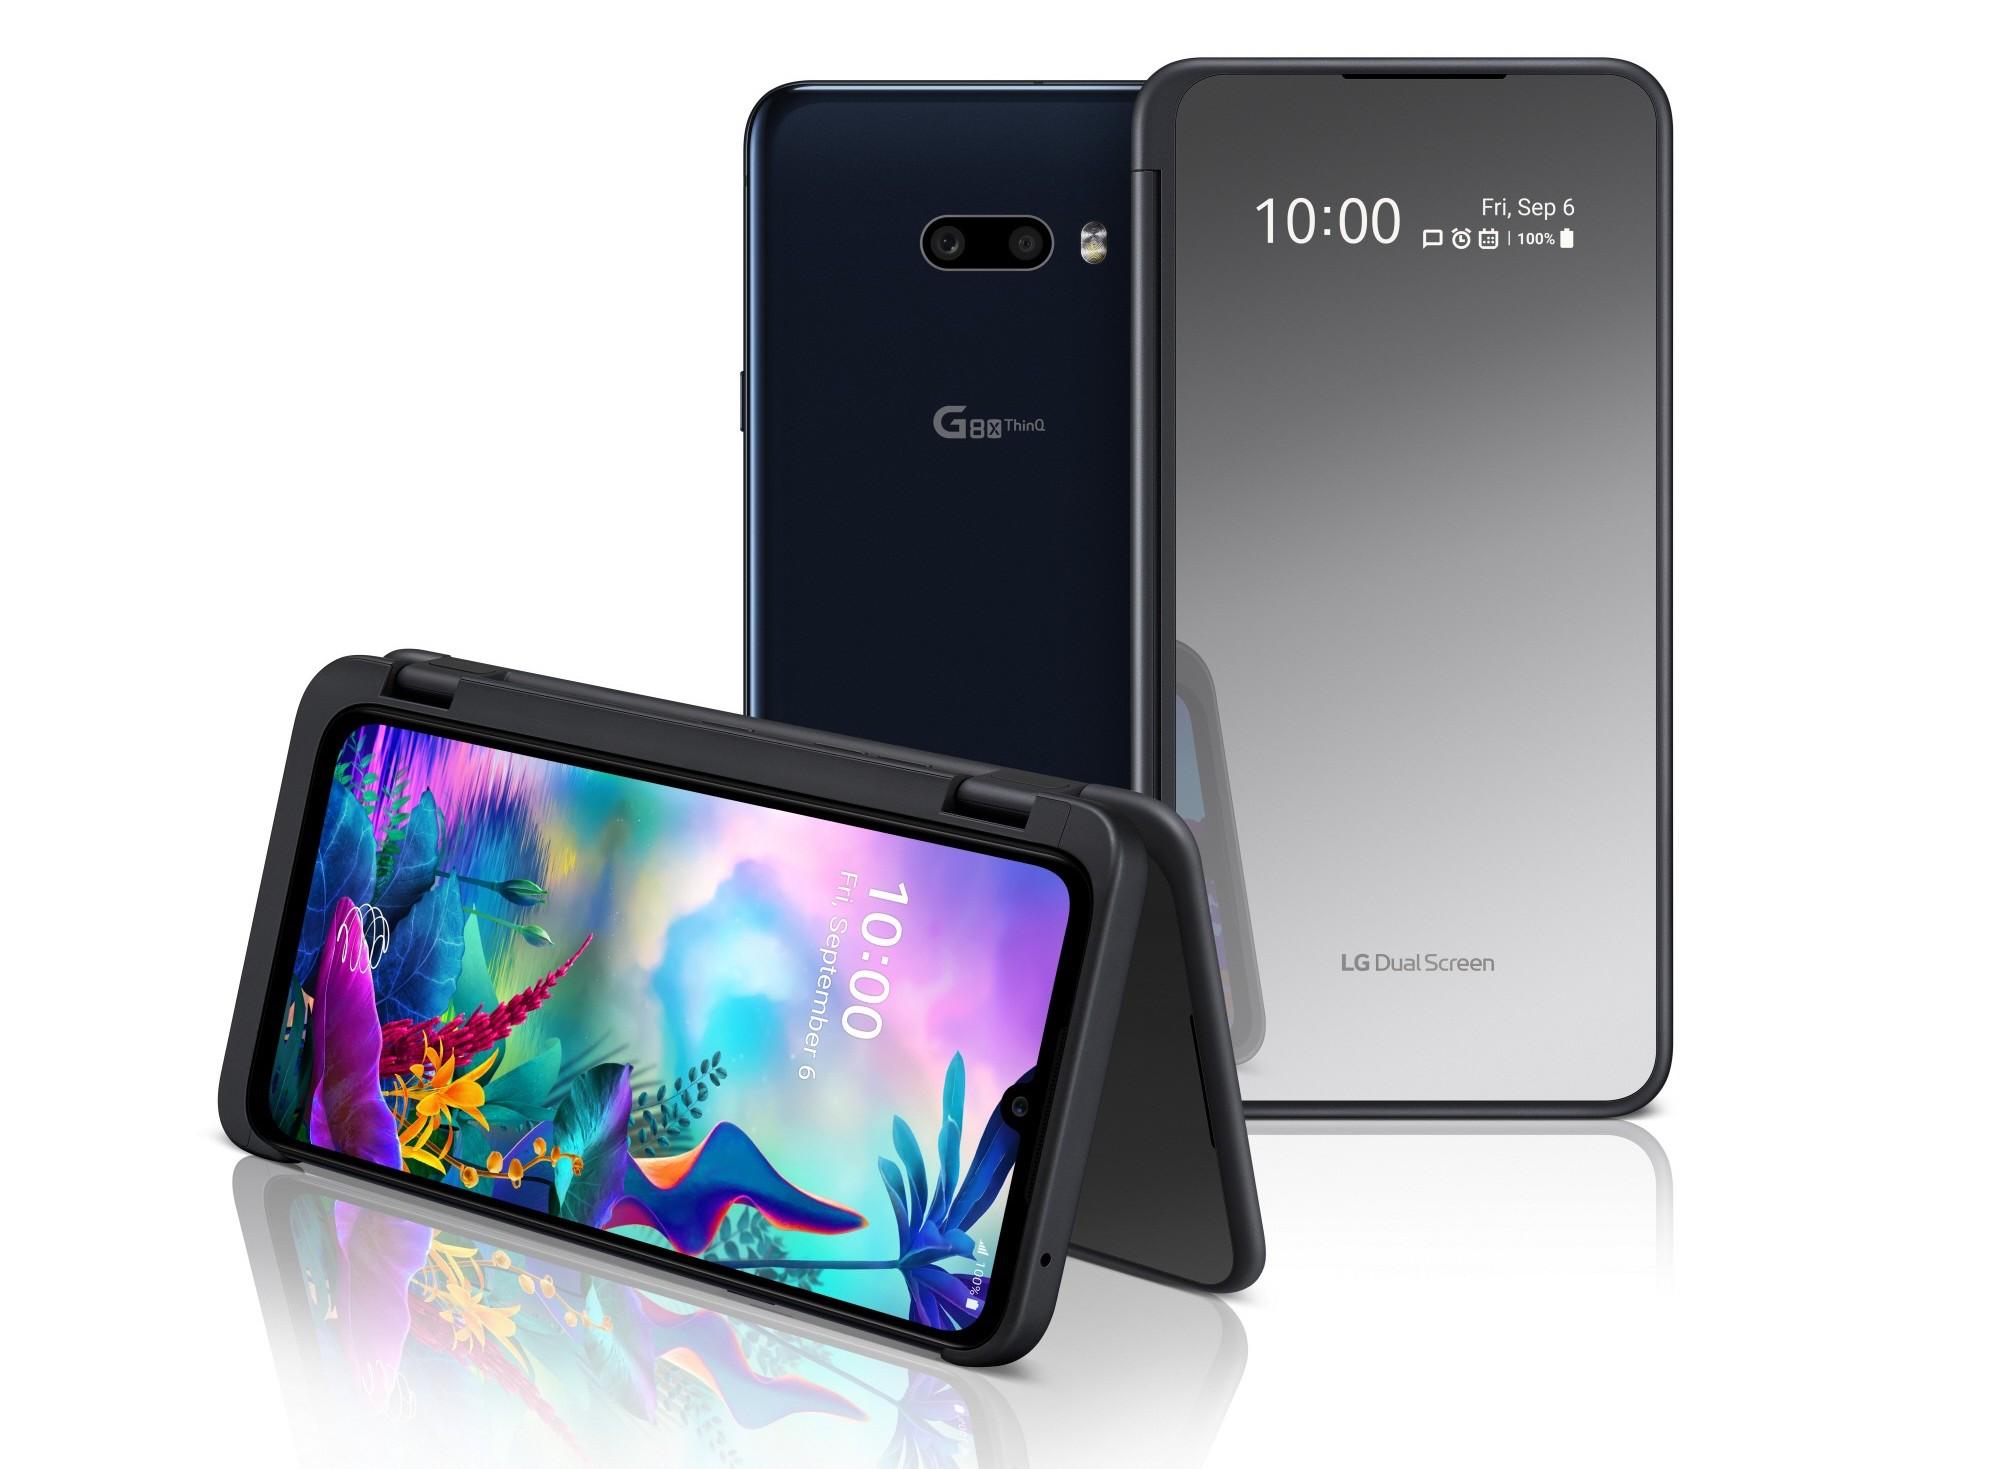 IFA 2019 : LG présente un second smartphone à double écran